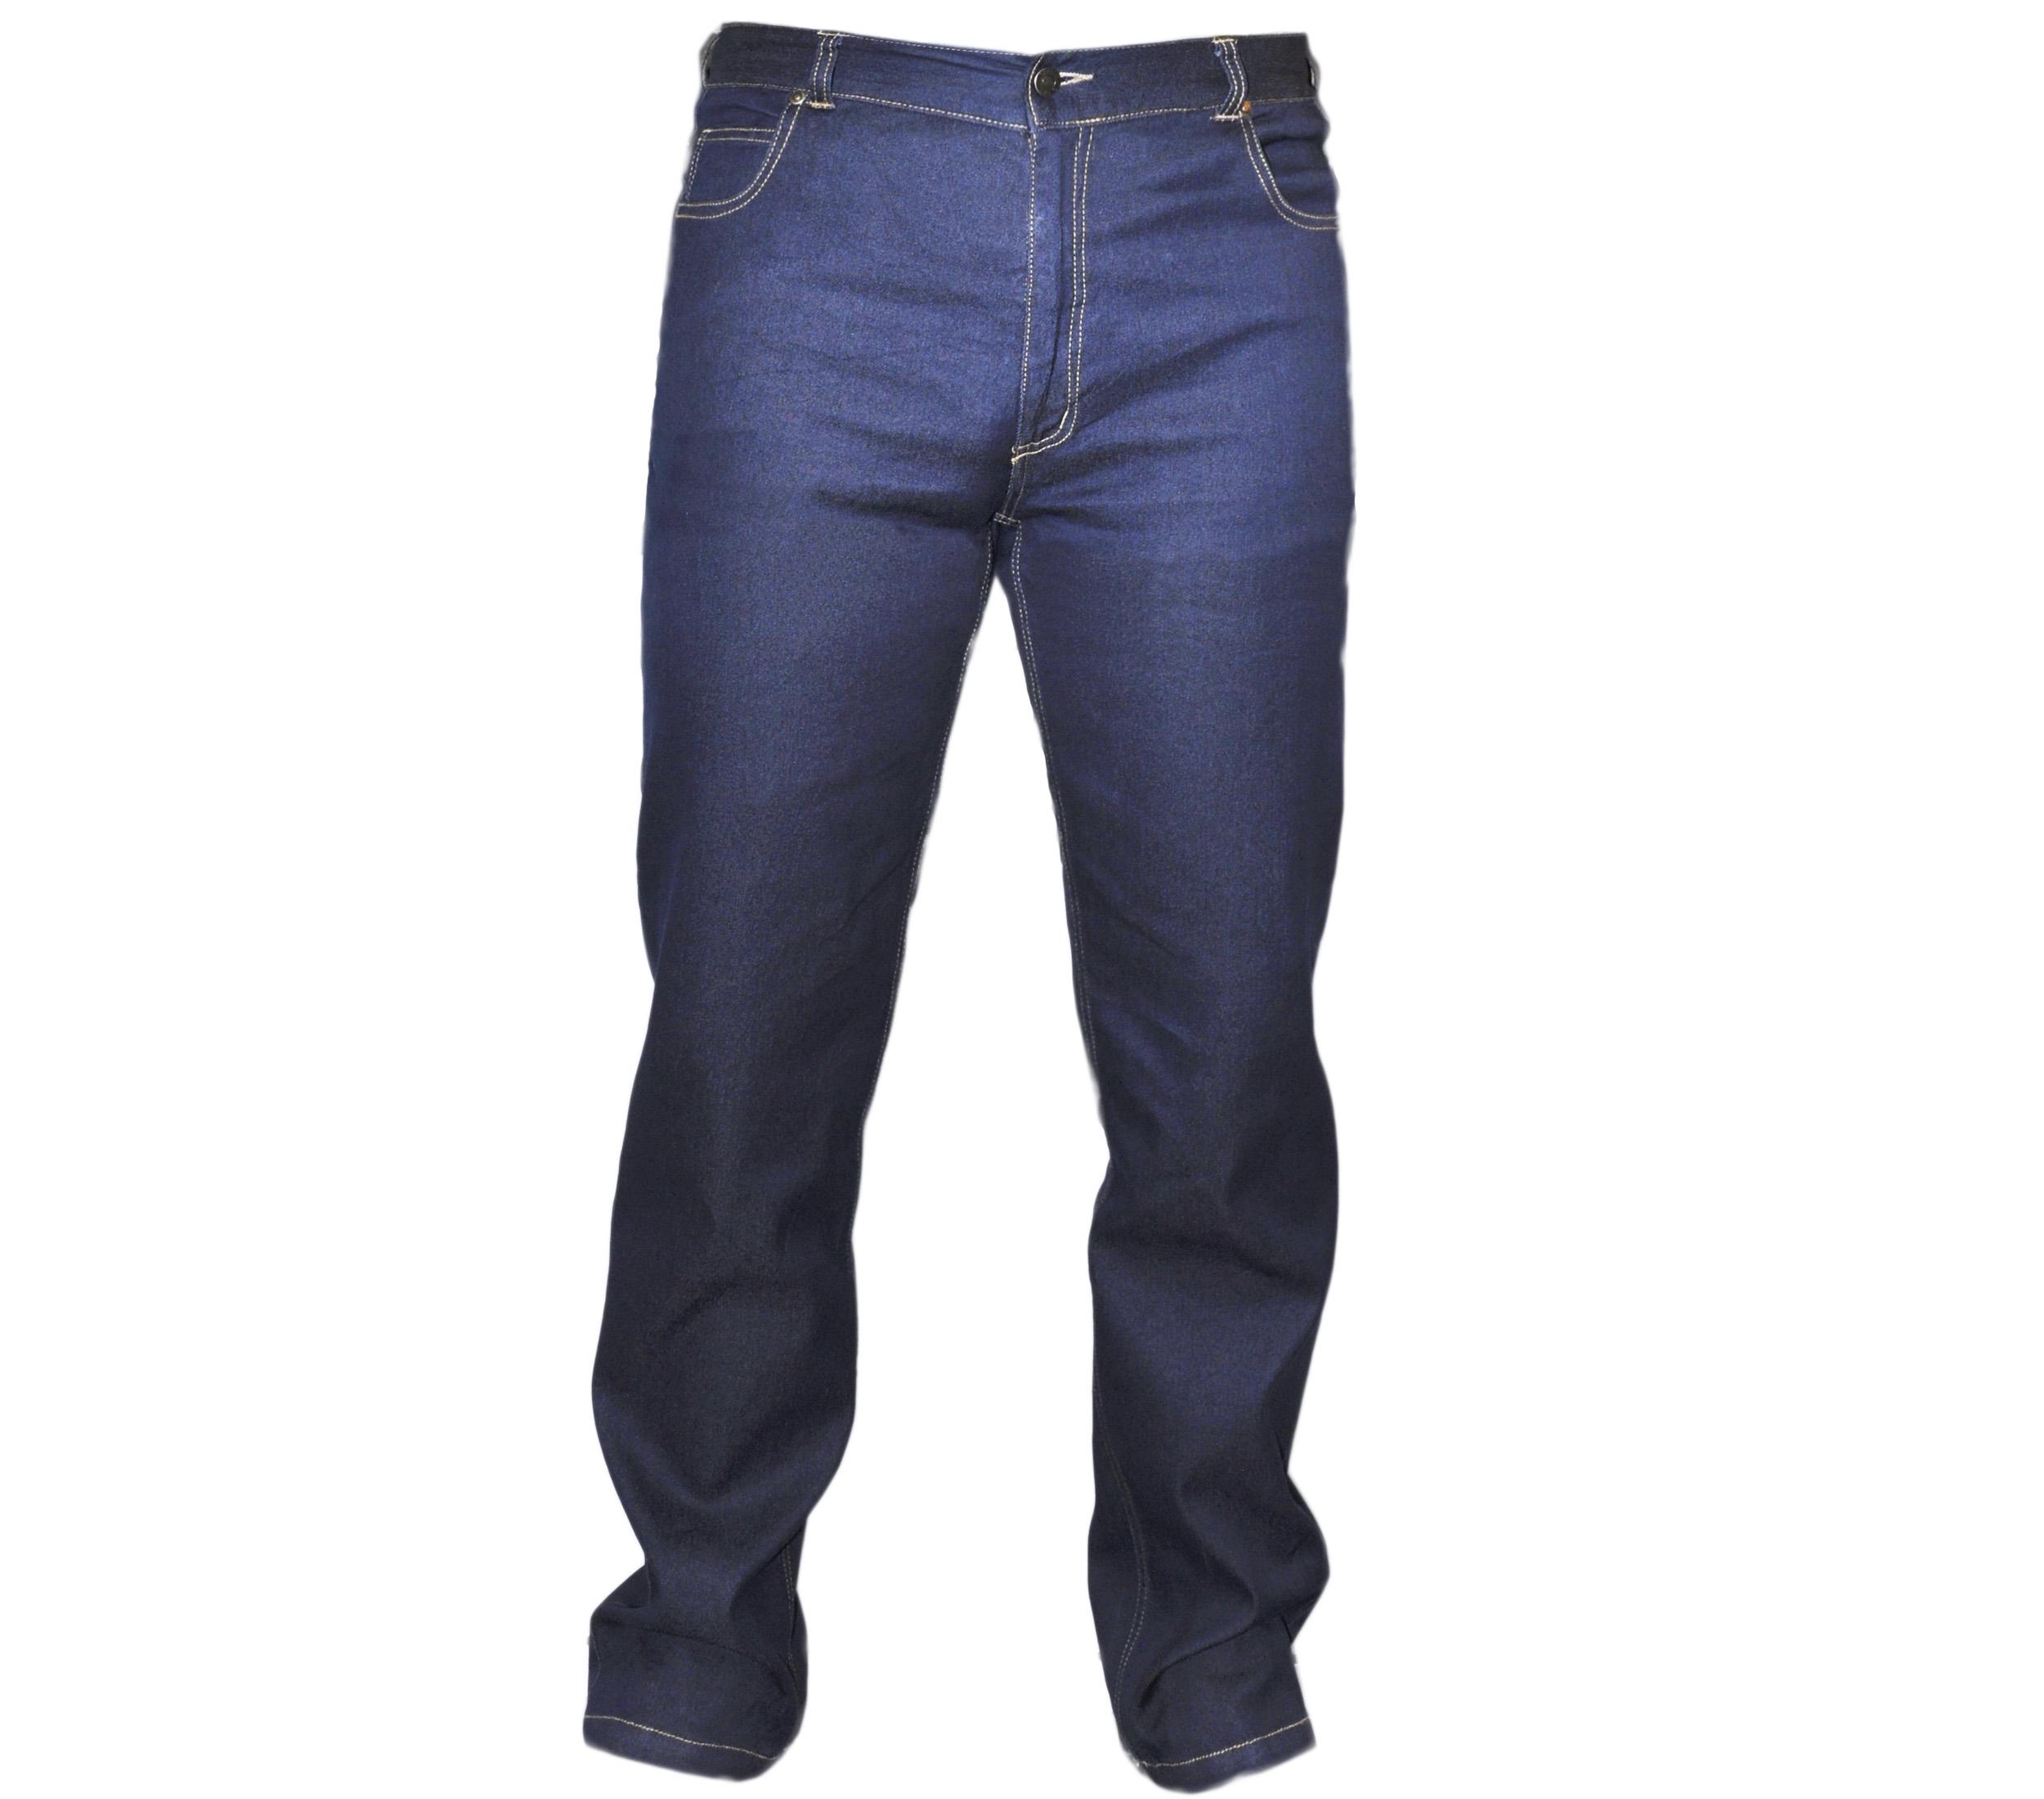 Джинсы-мужские-тонкие-синего-цвета-с-добавкой-полиэстера.